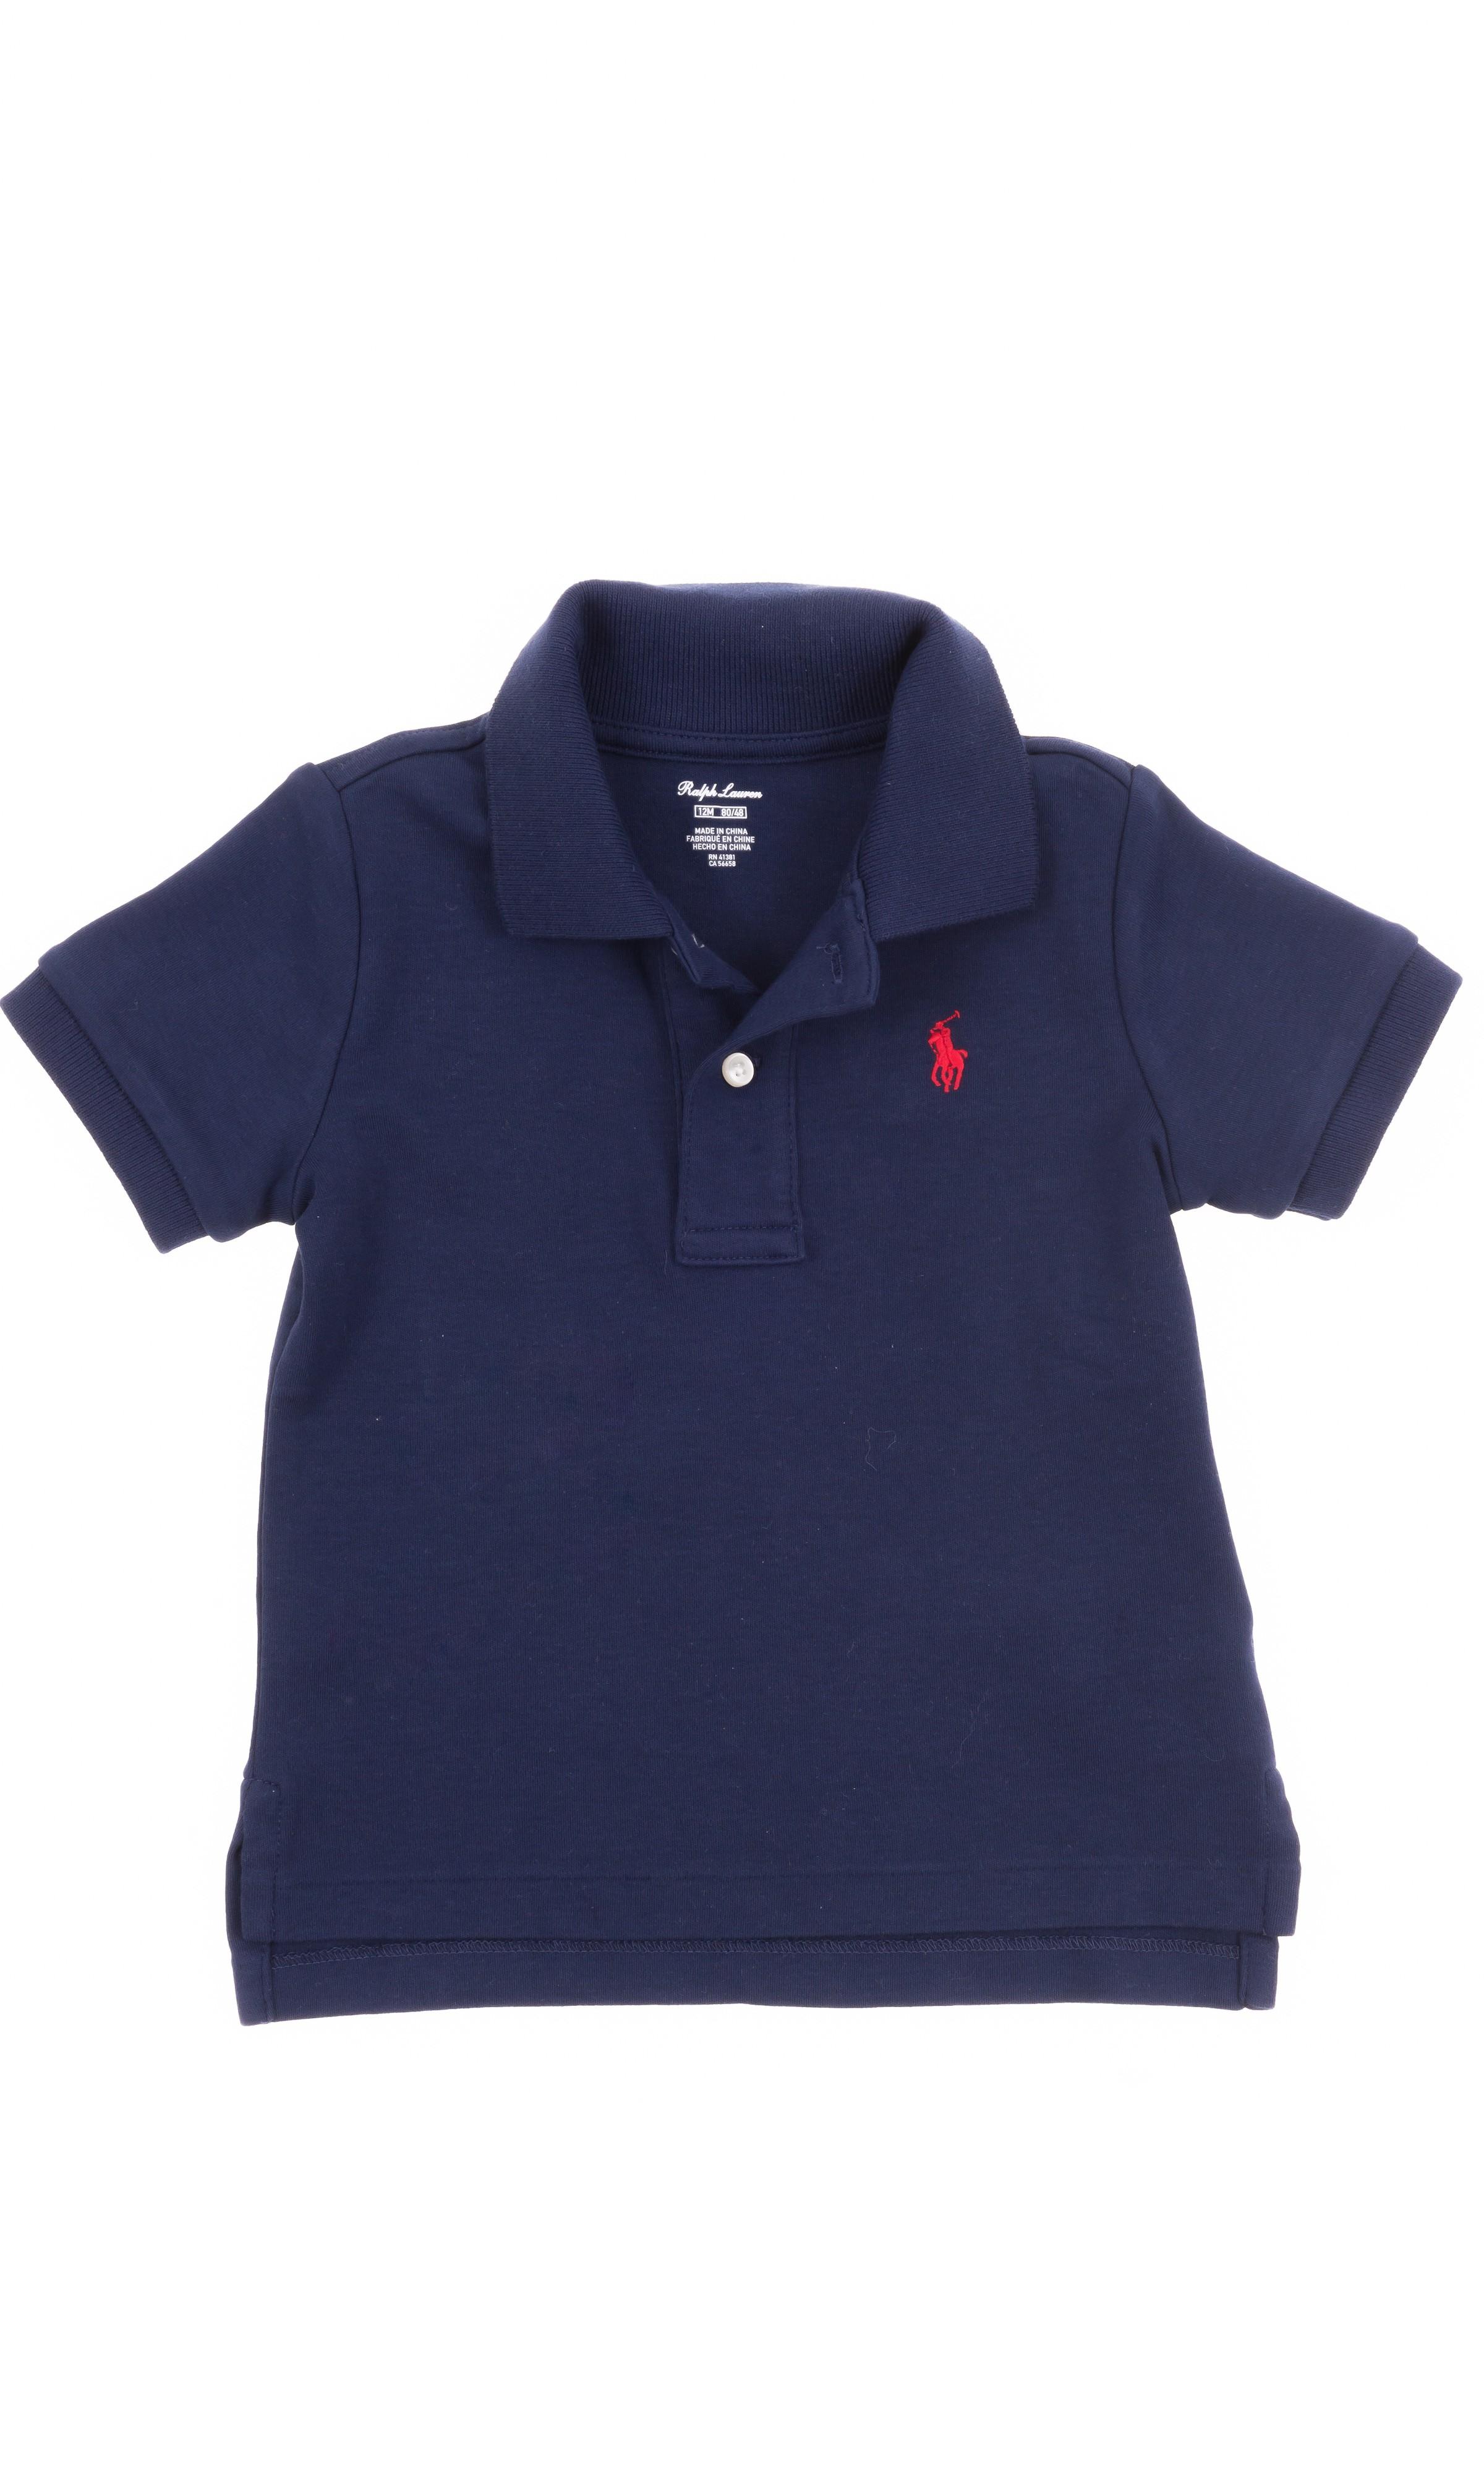 a58dfe297 Granatowe polo chłopięce, Polo Ralph Lauren - Celebrity-Club